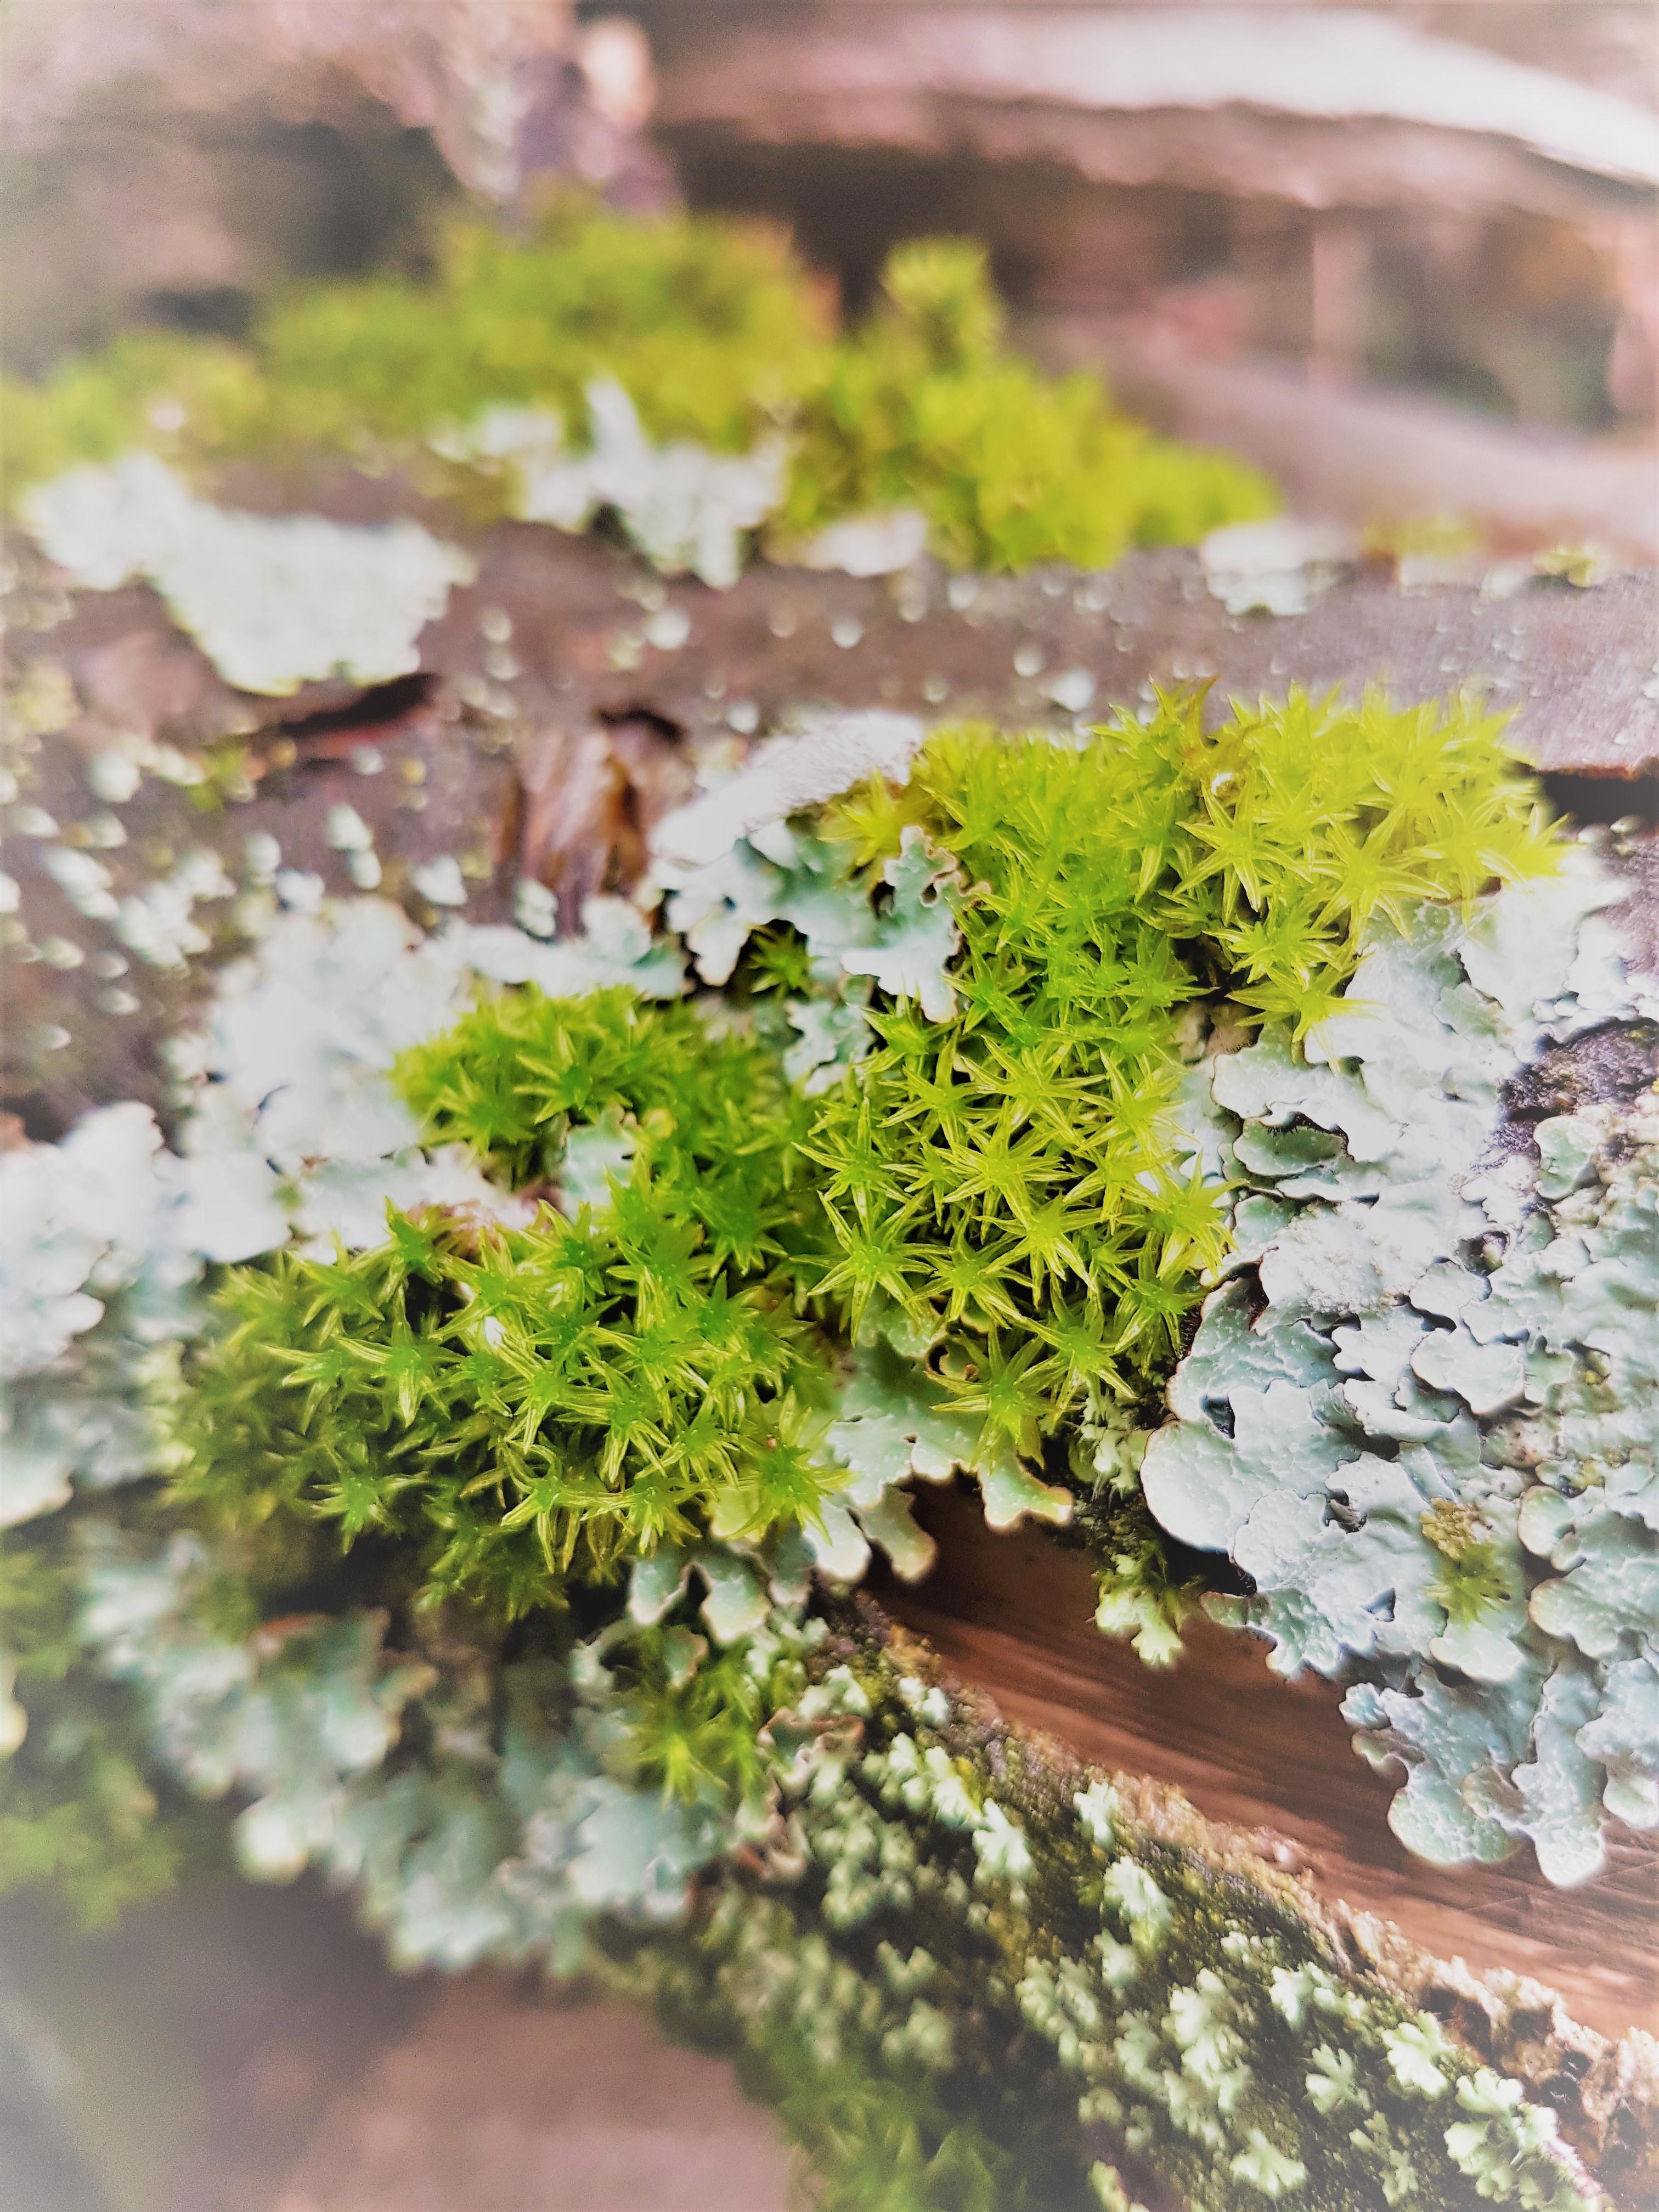 Moos und Flechten | Moss and lichen